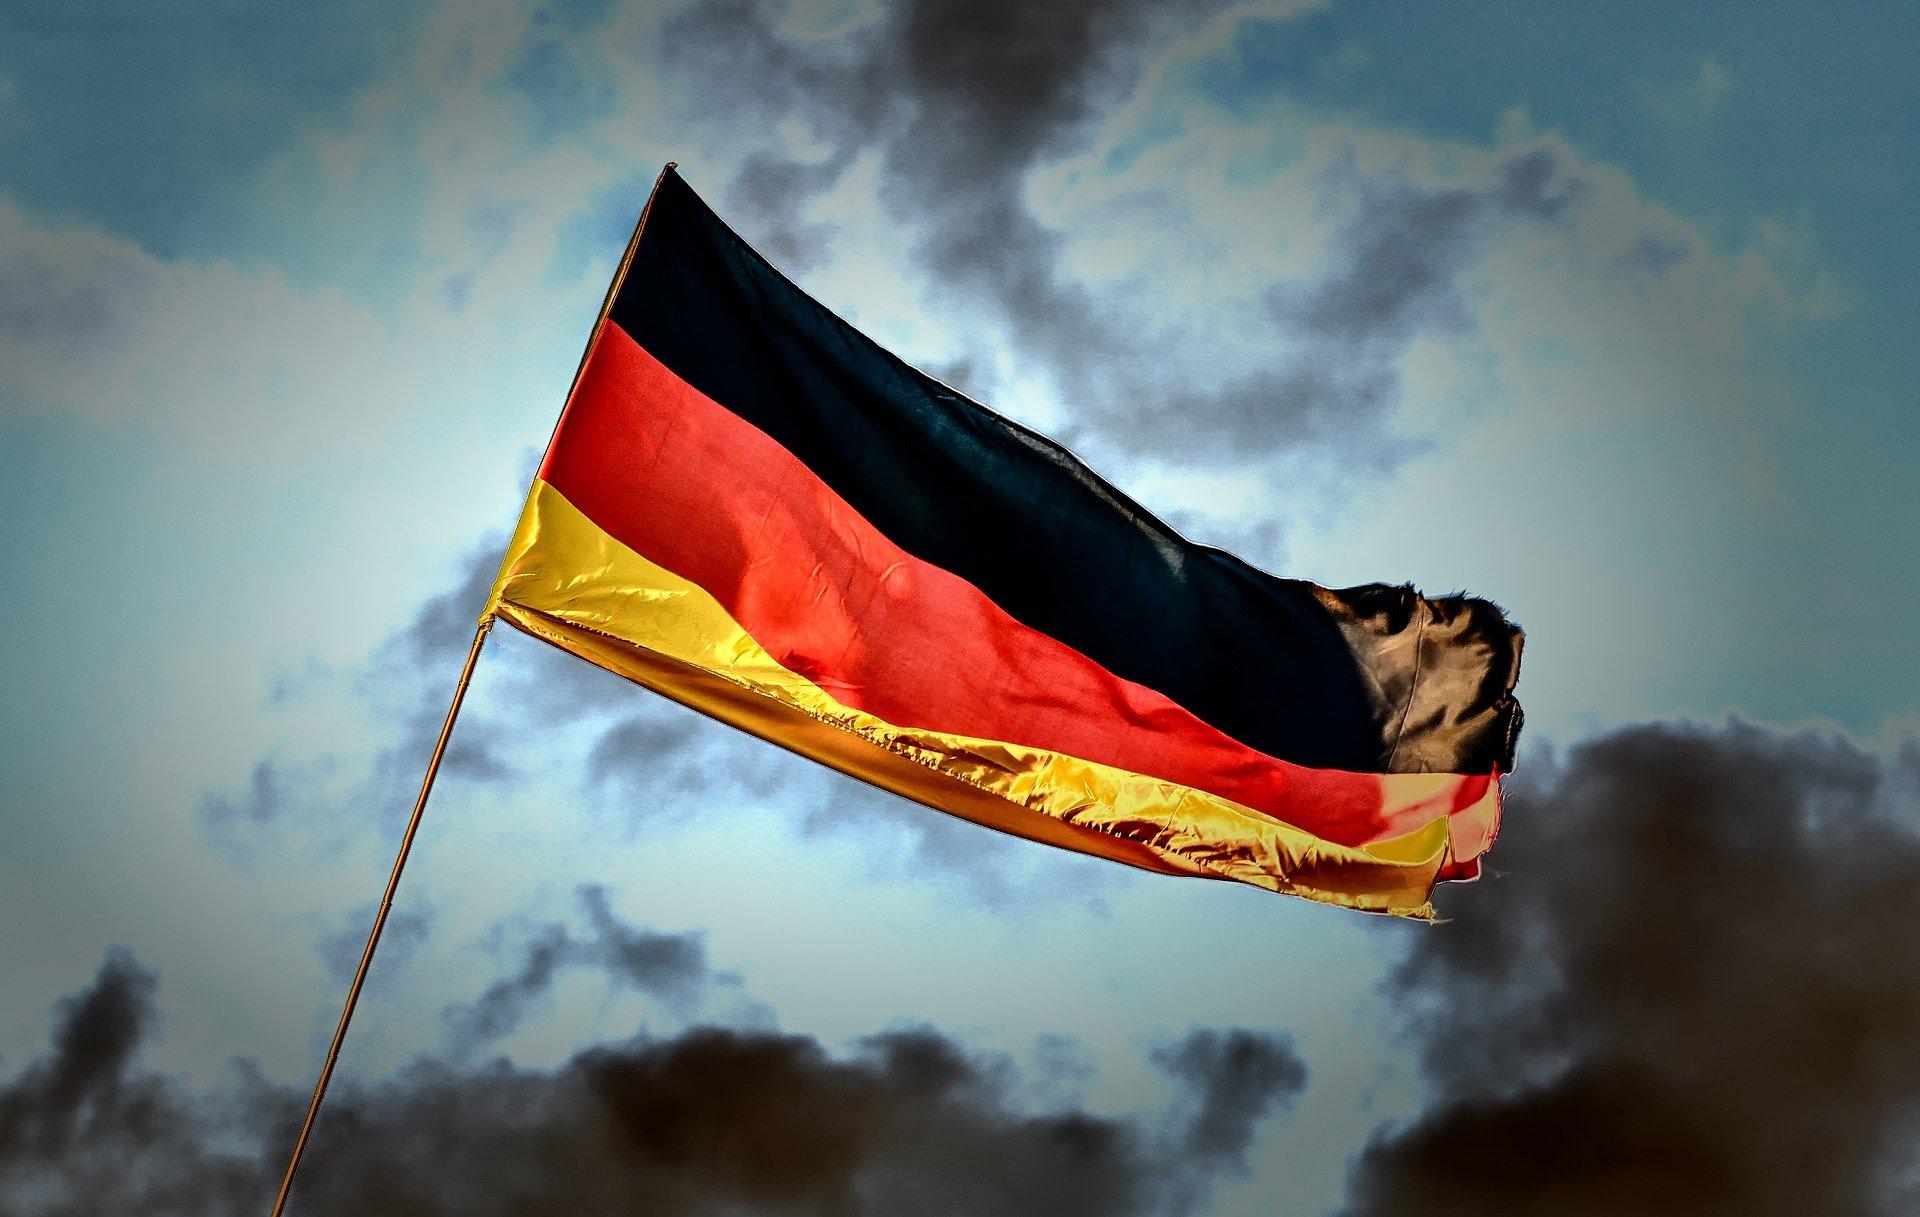 """В Германии прокомментировали решение компаний выйти из строительства """"Северного потока - 2"""" под угрозой санкций"""